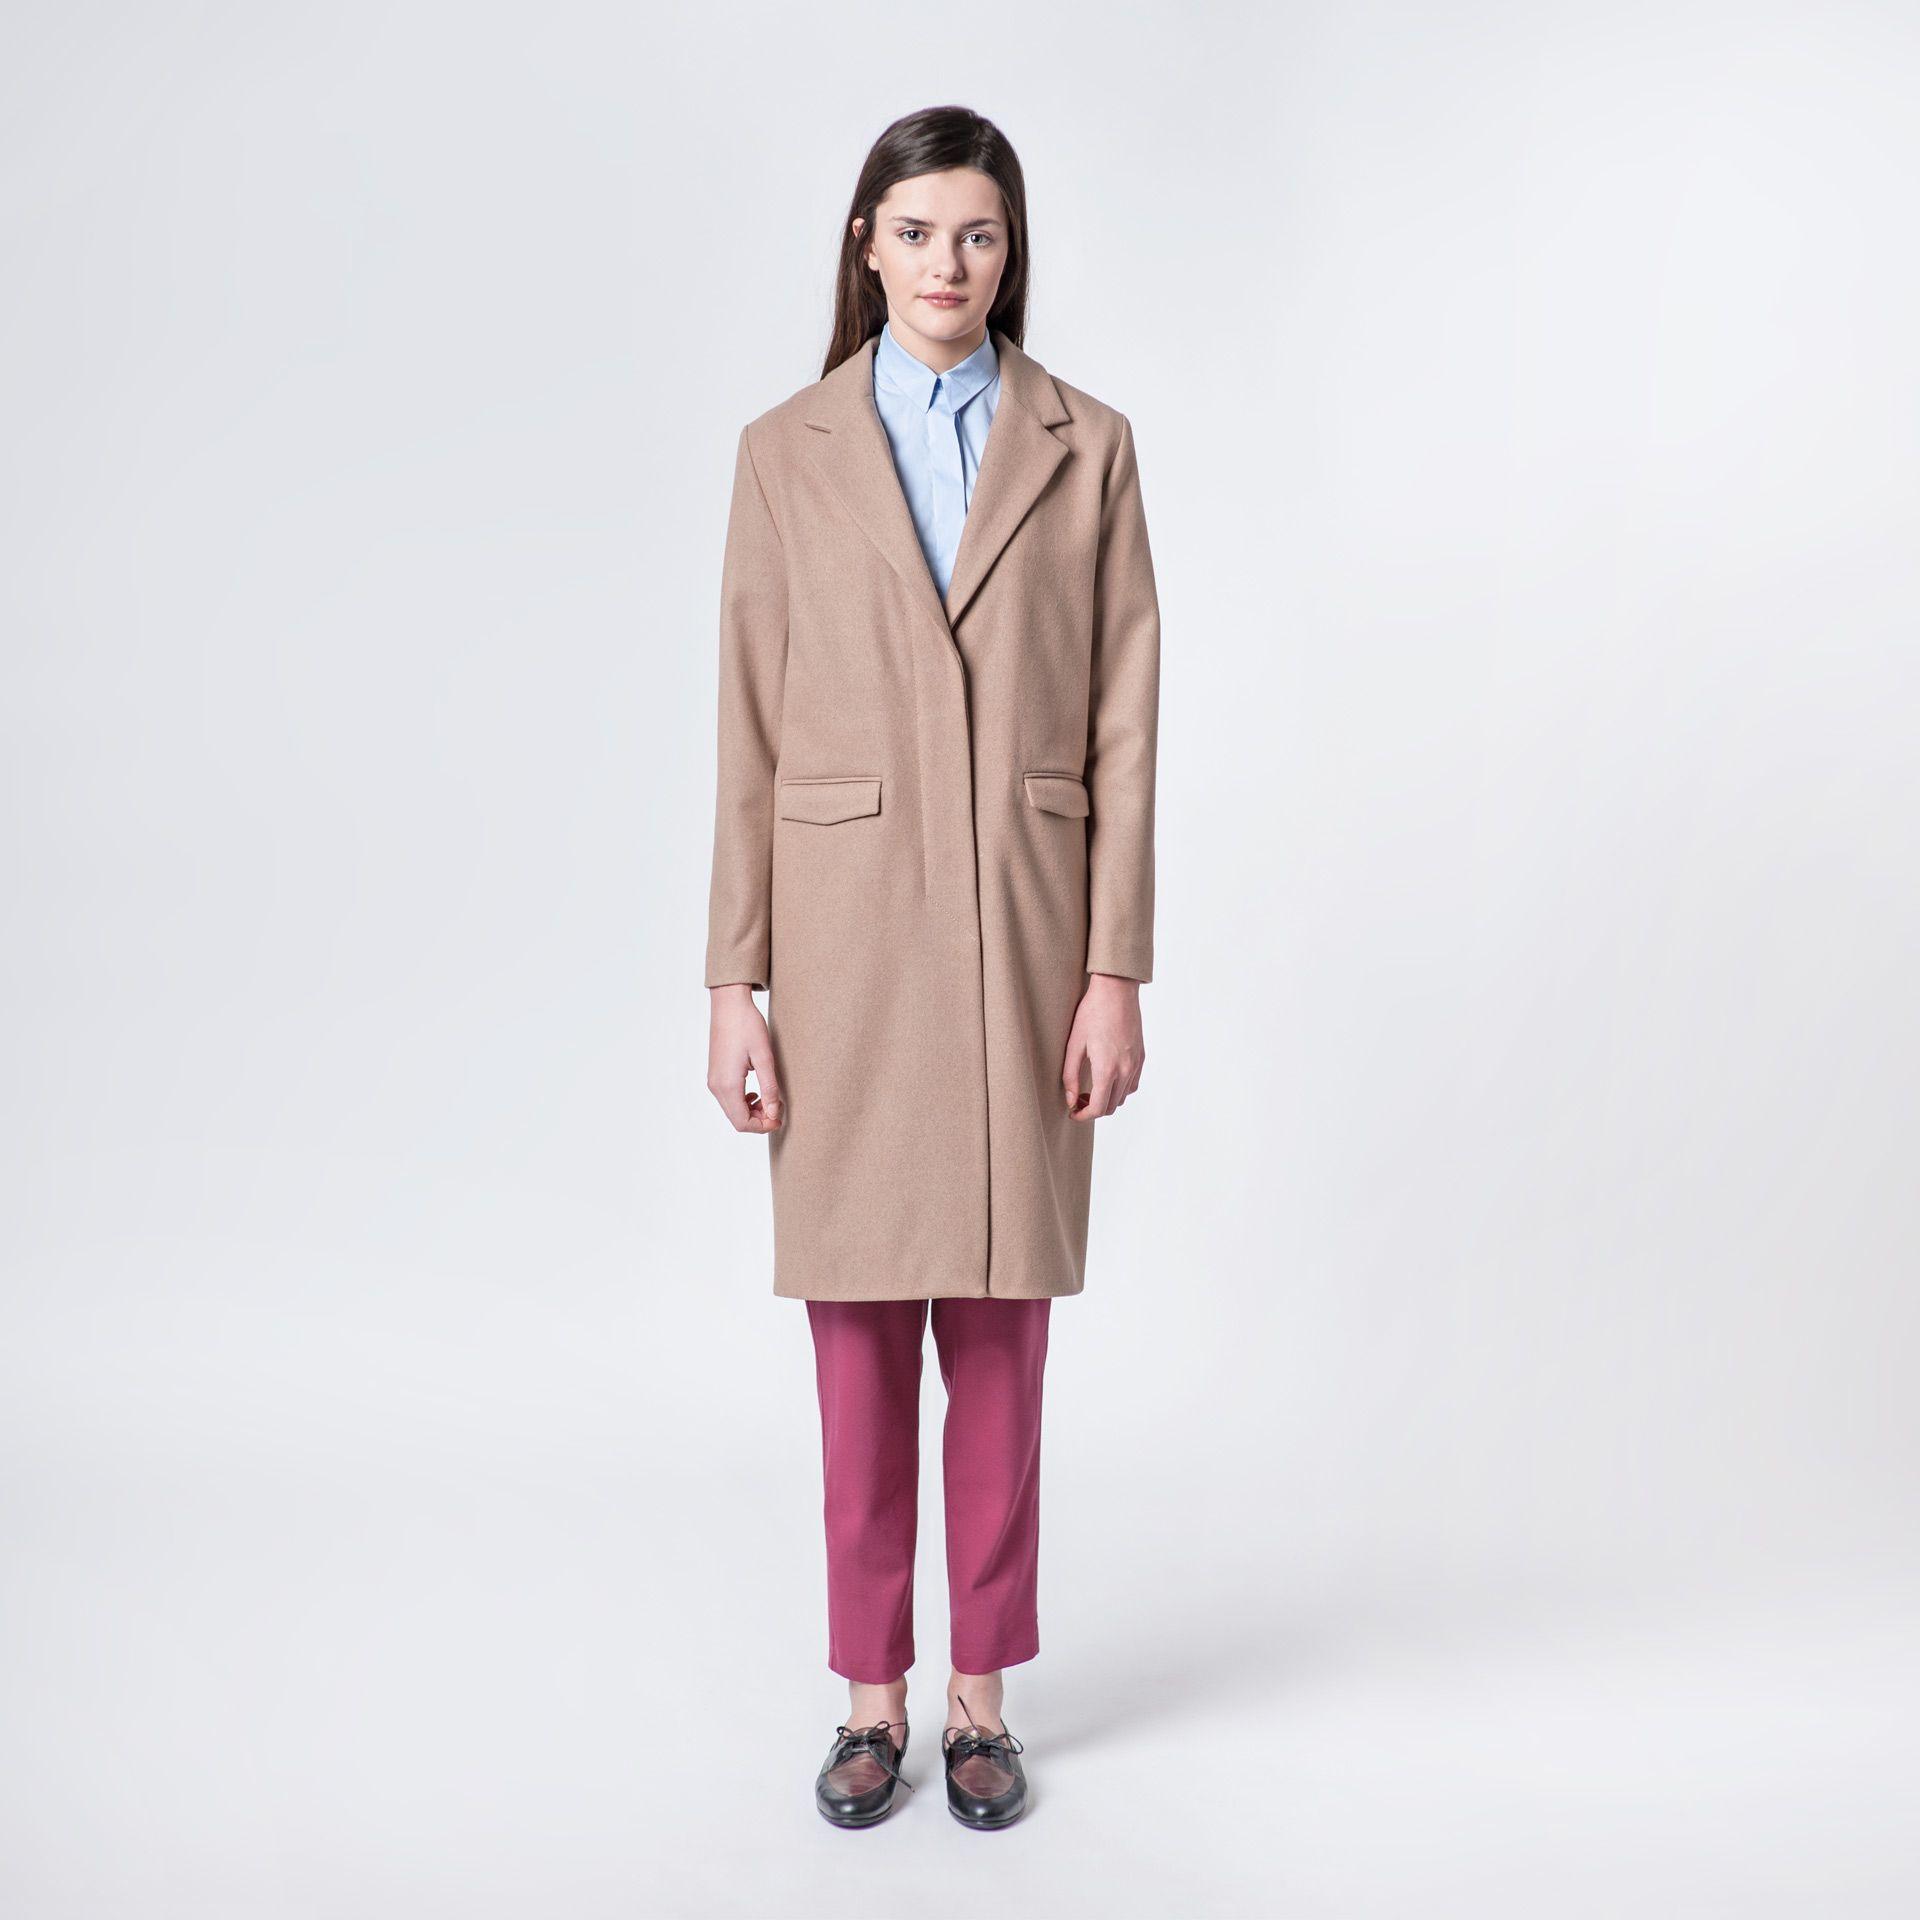 Milan Coat Beige Elementy #coat #beige #autumn #elementy #minimal #classic #polishfashion